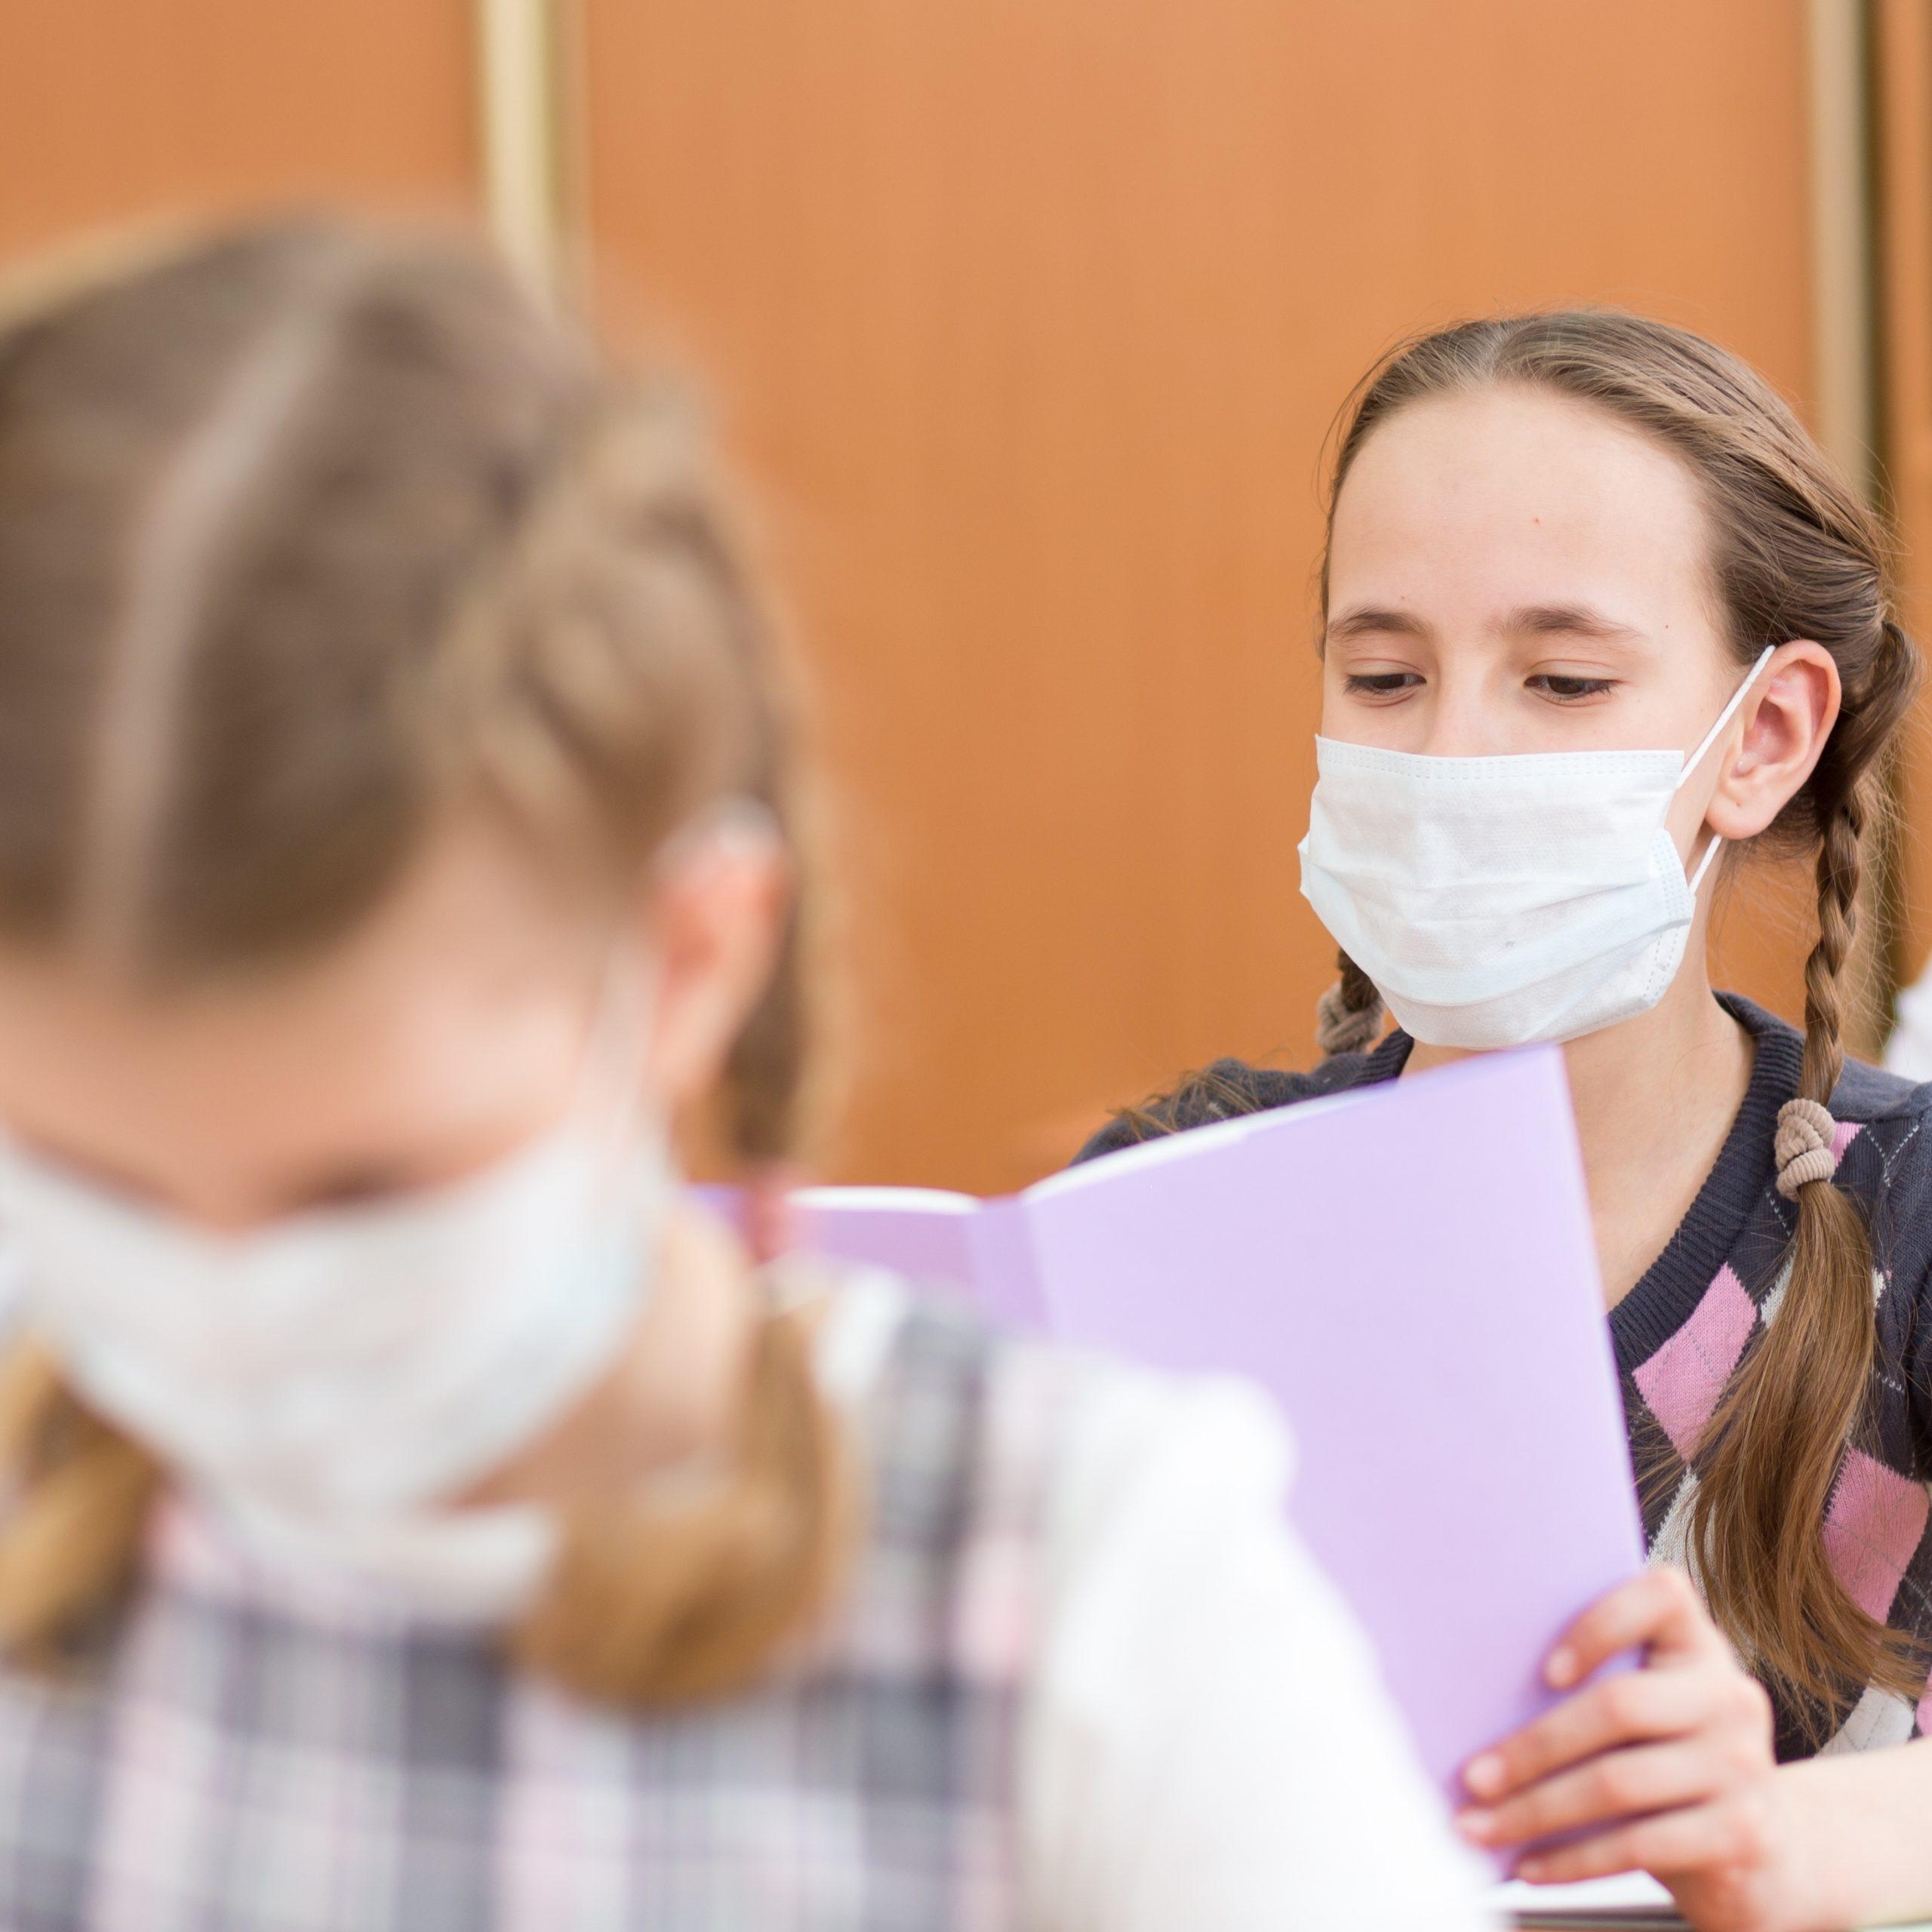 Da die Schulen weitergehend geöffnet bleiben, soll die Verbreitung des Coronavirus hier mit Hygienekonzepten verhindert werden.